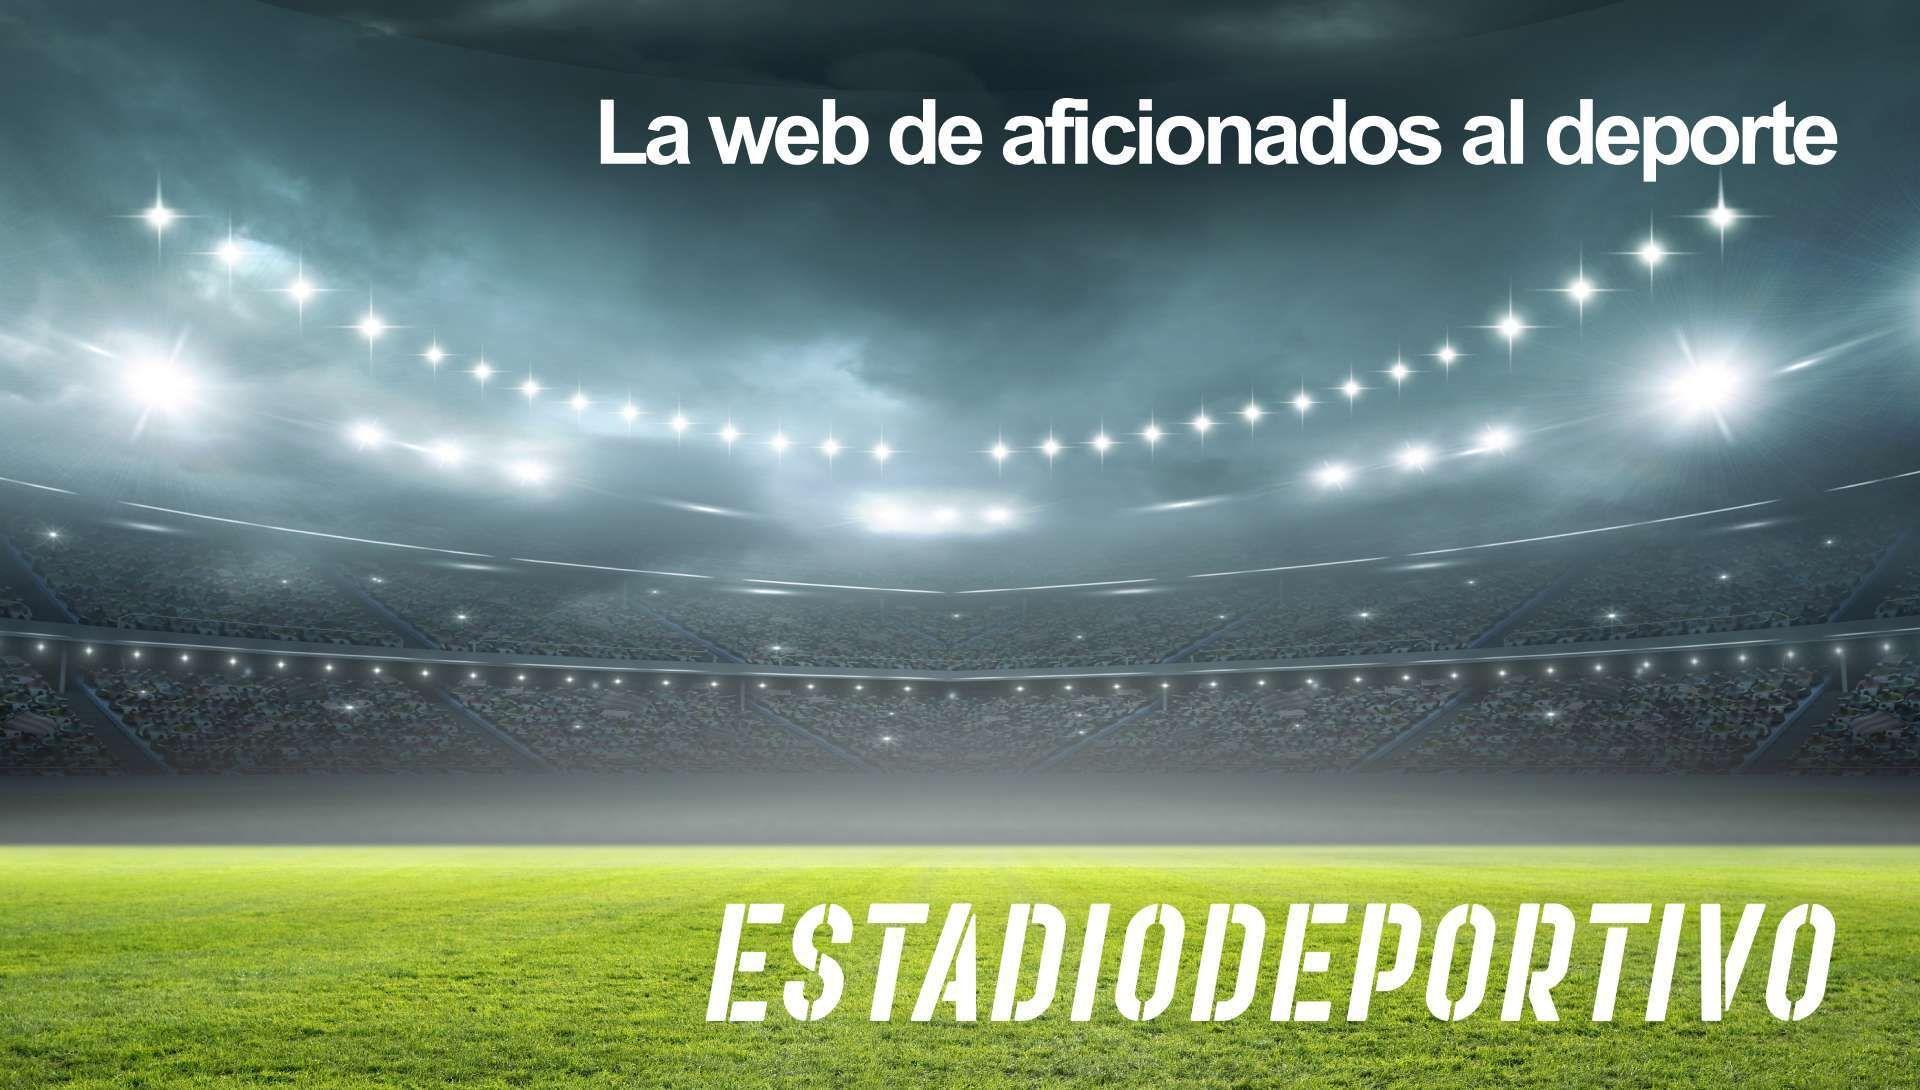 El análisis del rival: FC Barcelona